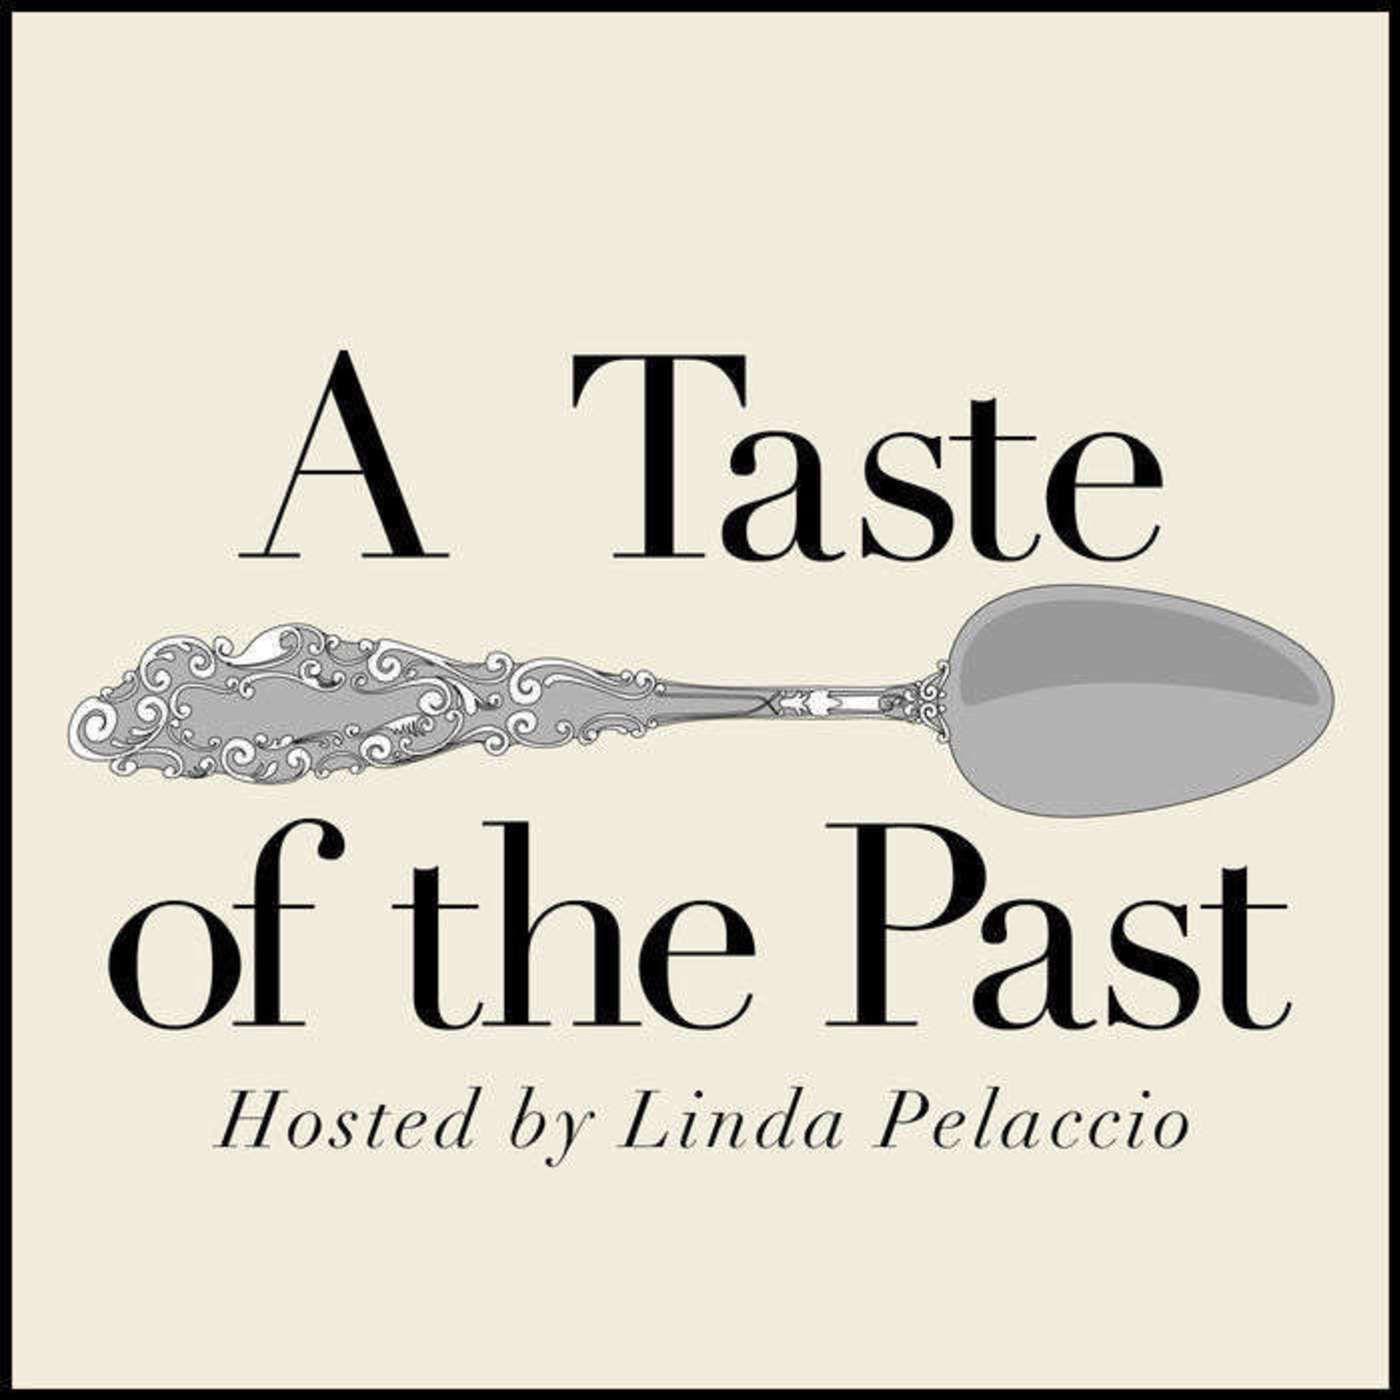 Episode 65: Cast Iron Cookware